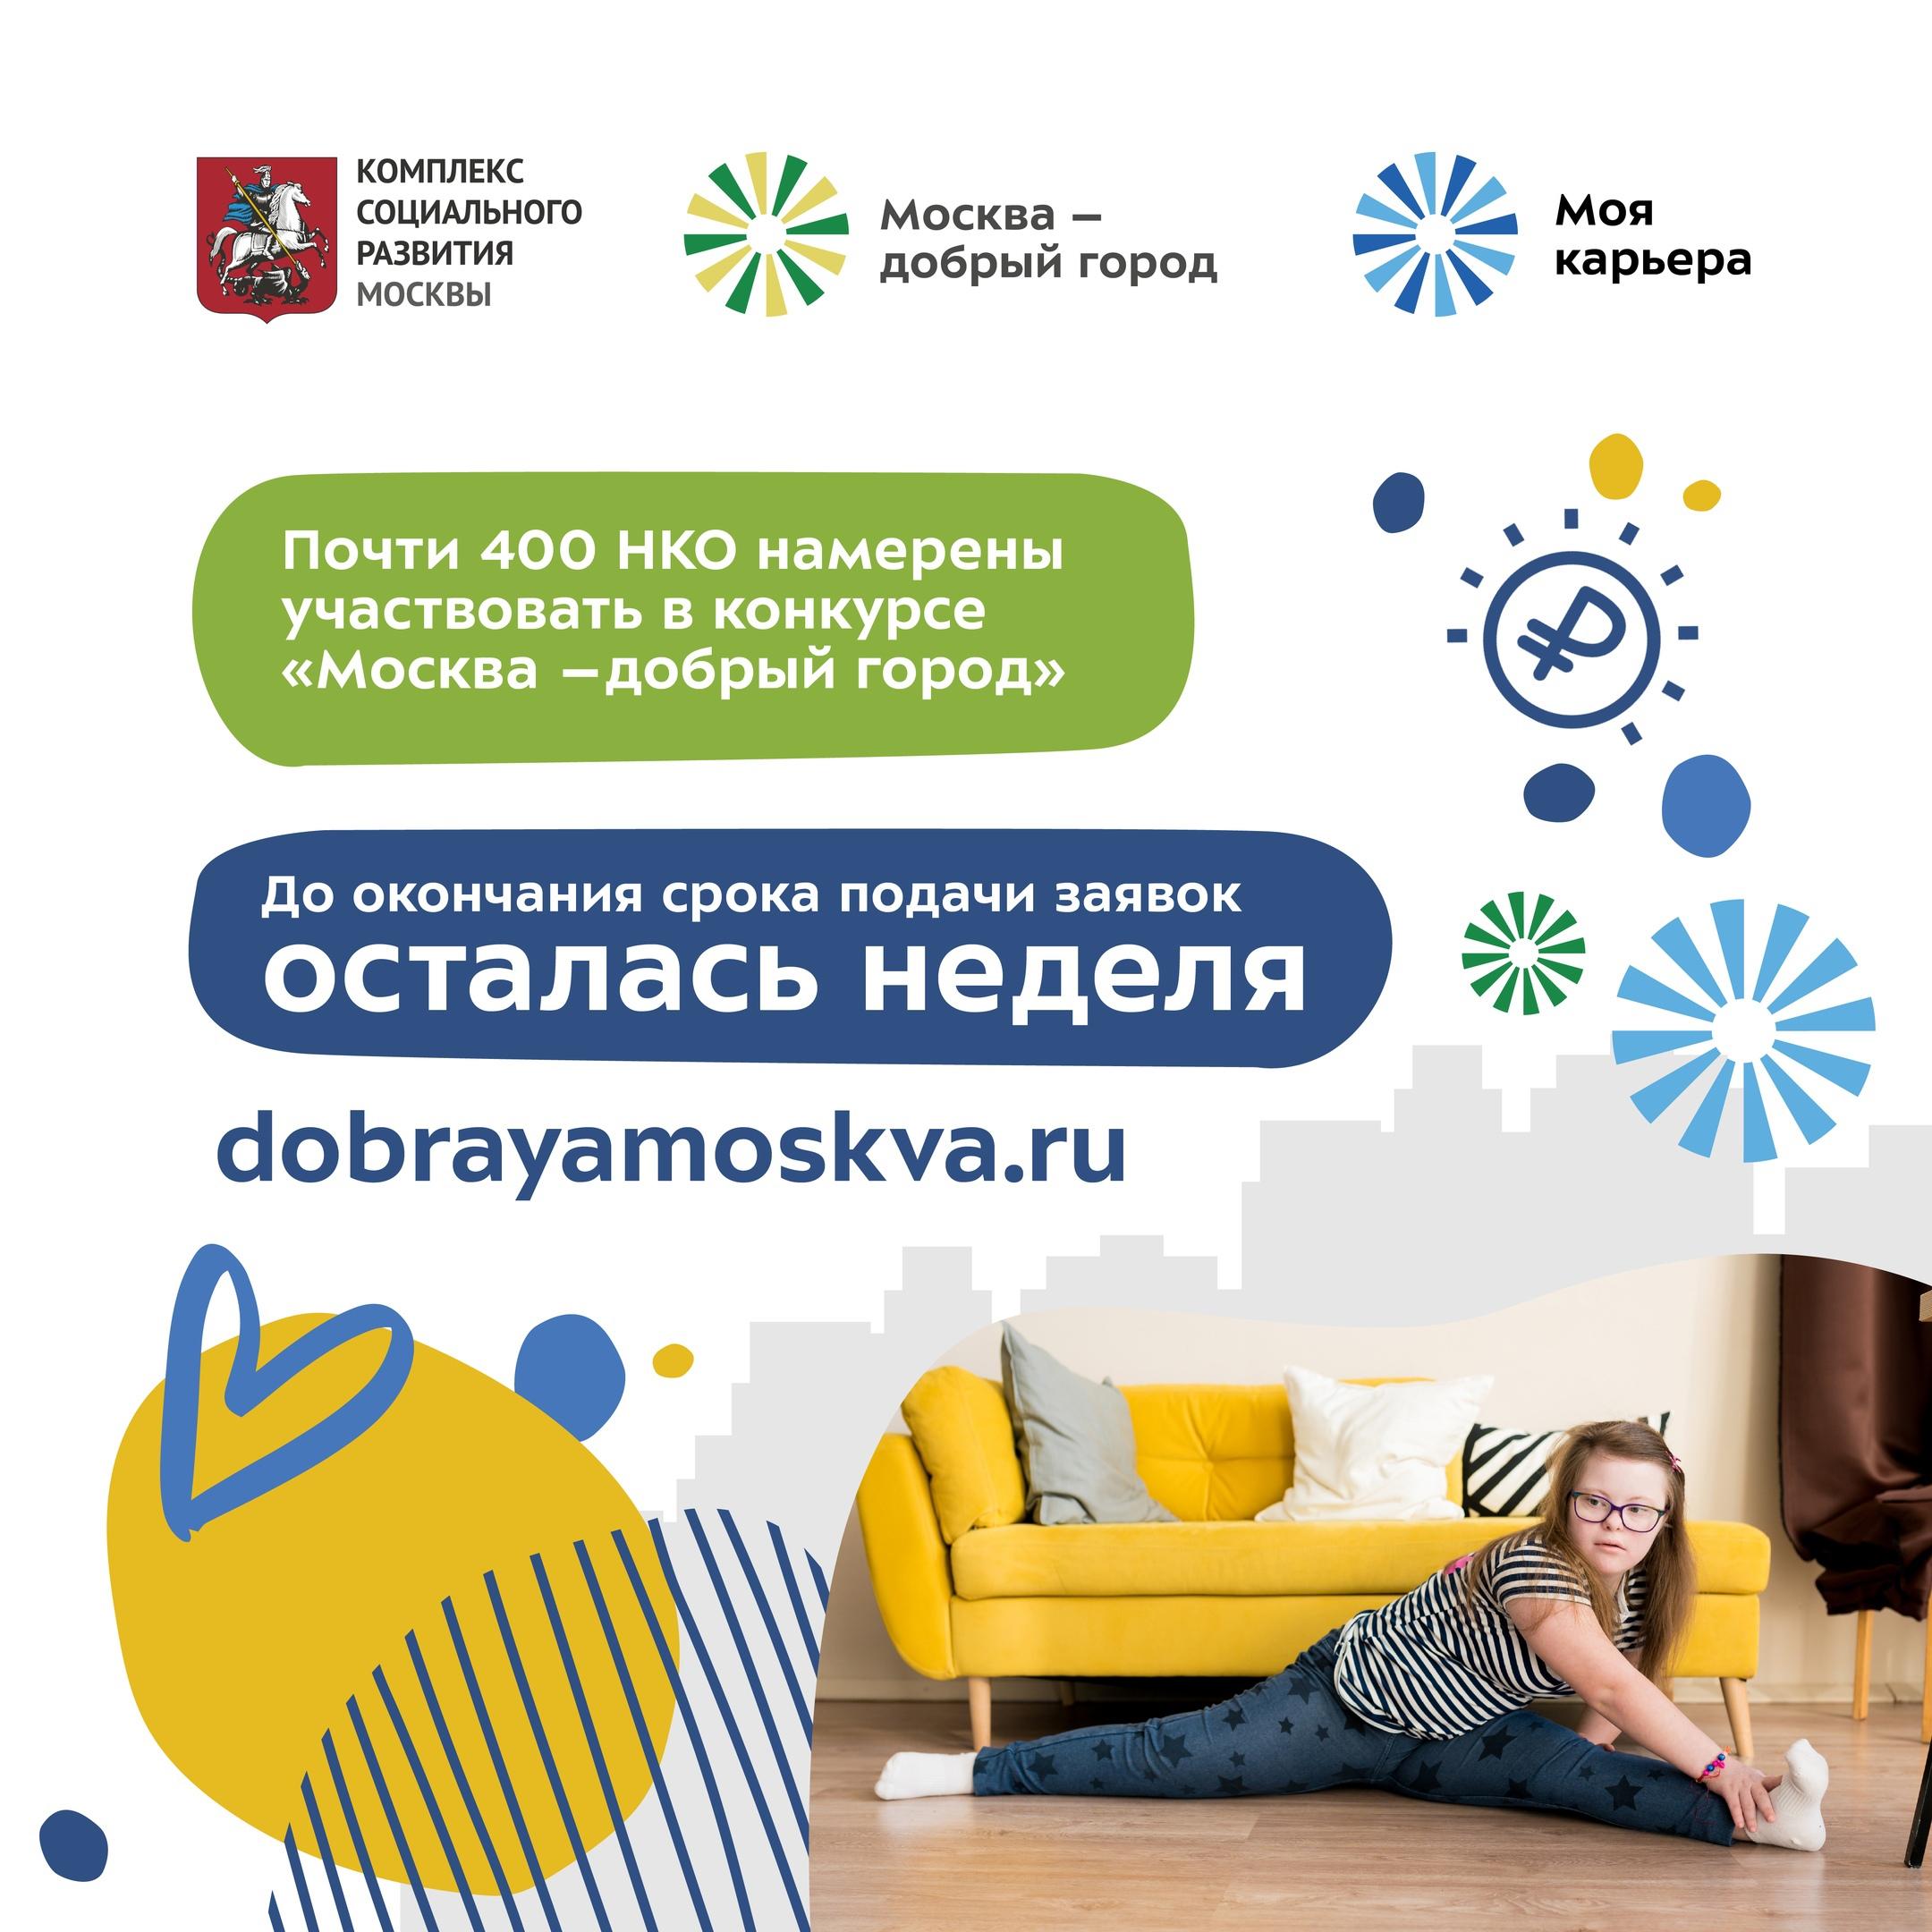 До окончания приема заявок на конкурс грантов «Москва — добрый город» остается семь дней!